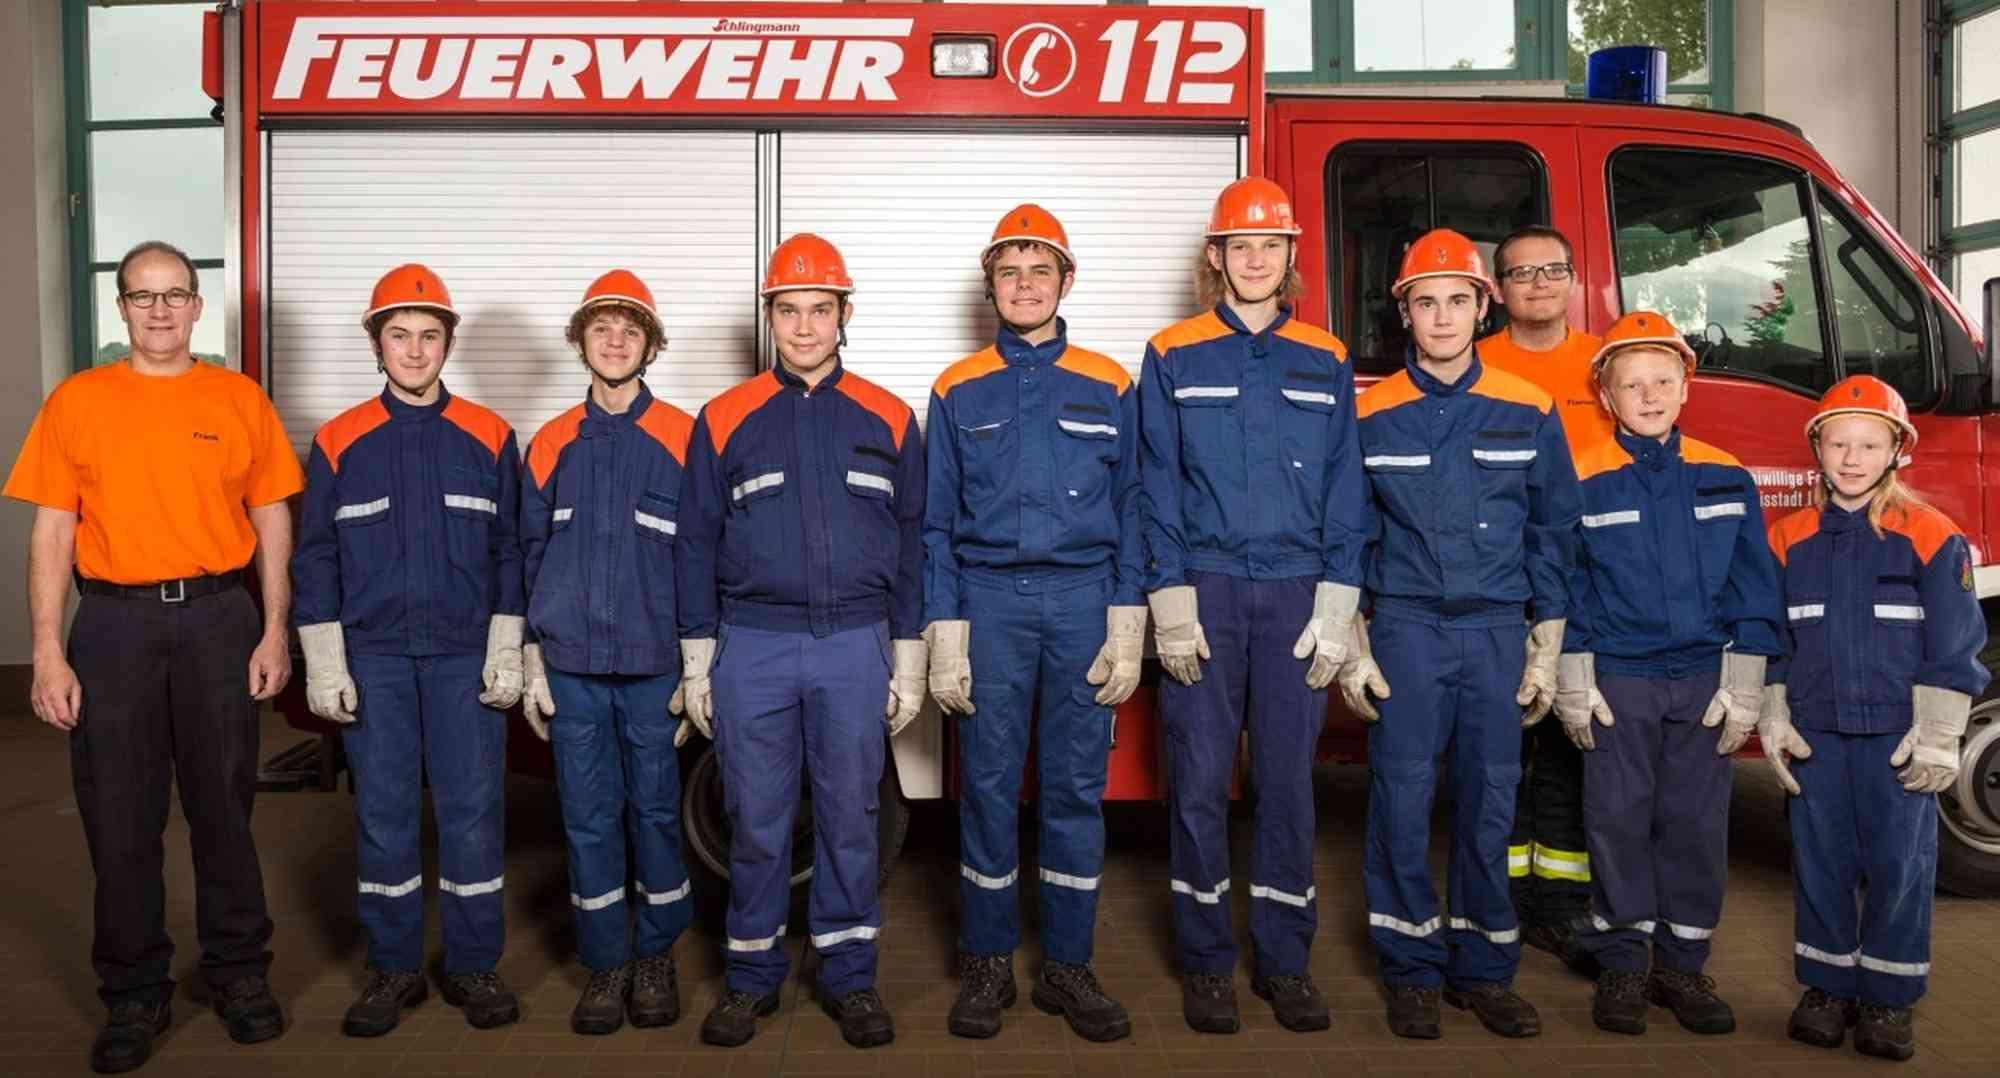 Freiwillige Feuerwehr Lauterbach (Hessen)